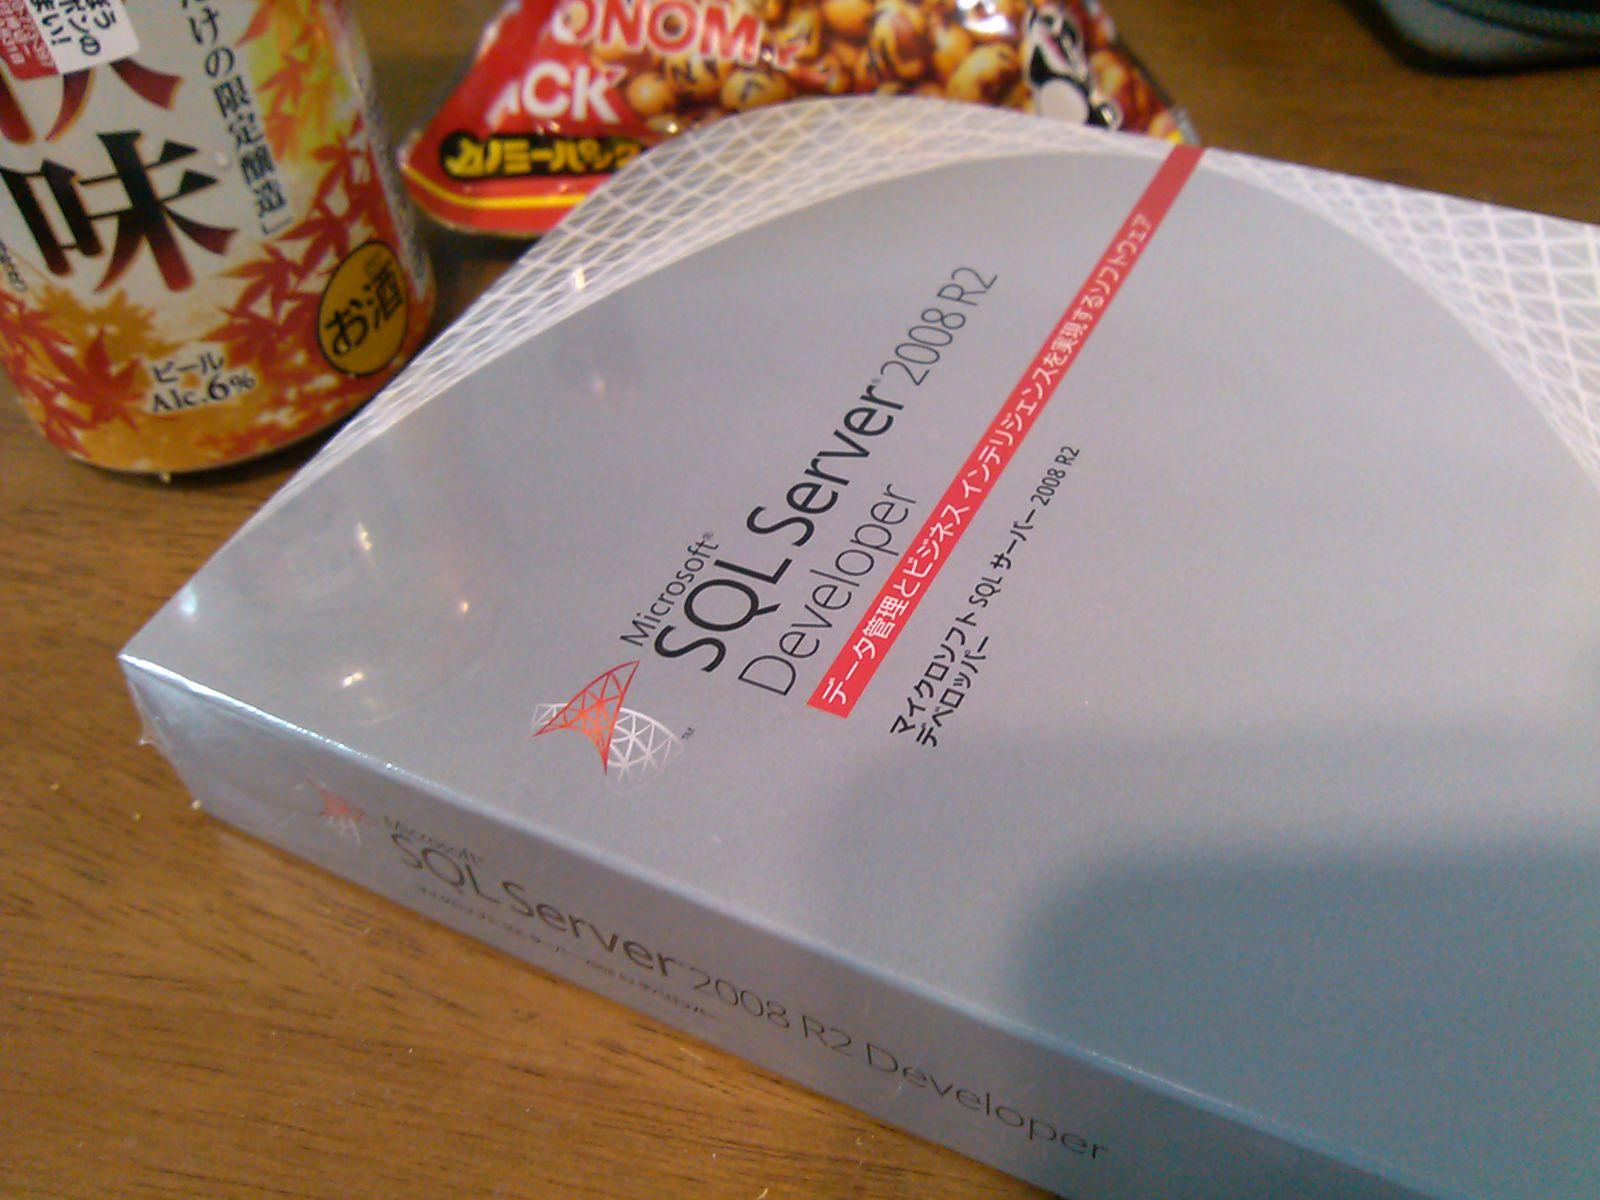 تحميل sql server 2008 r2 كامل